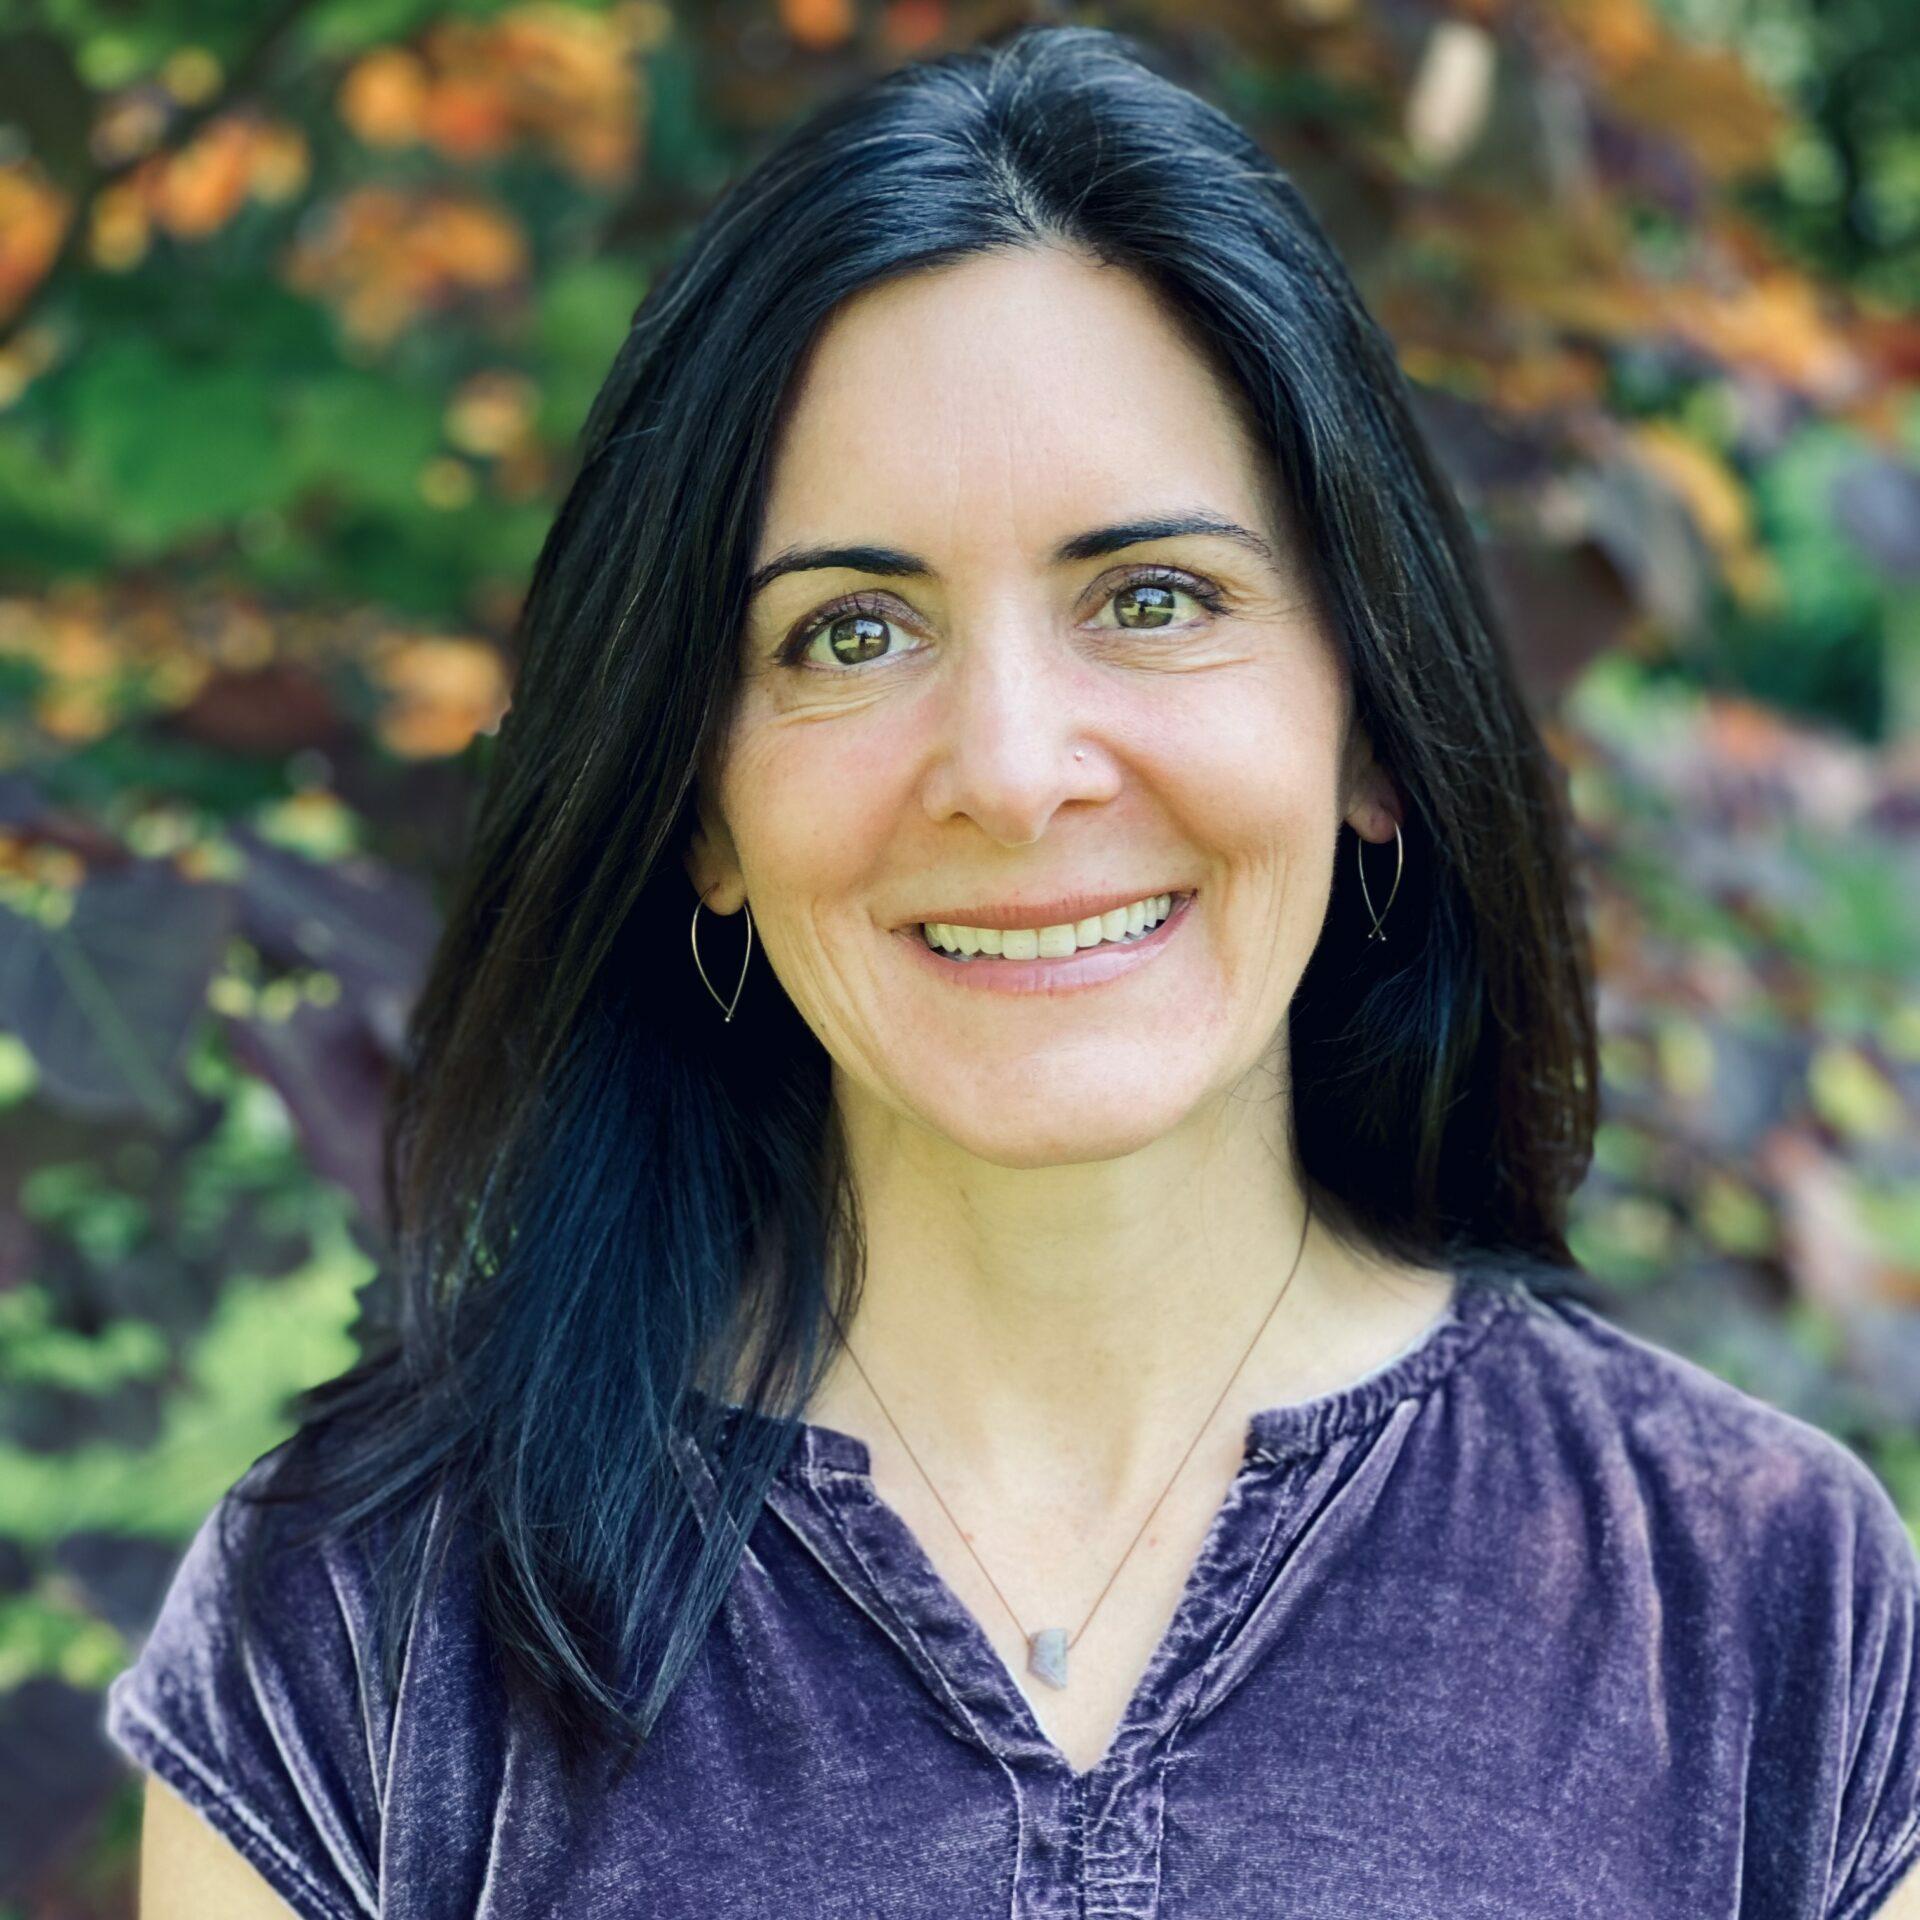 Jessica Fountas